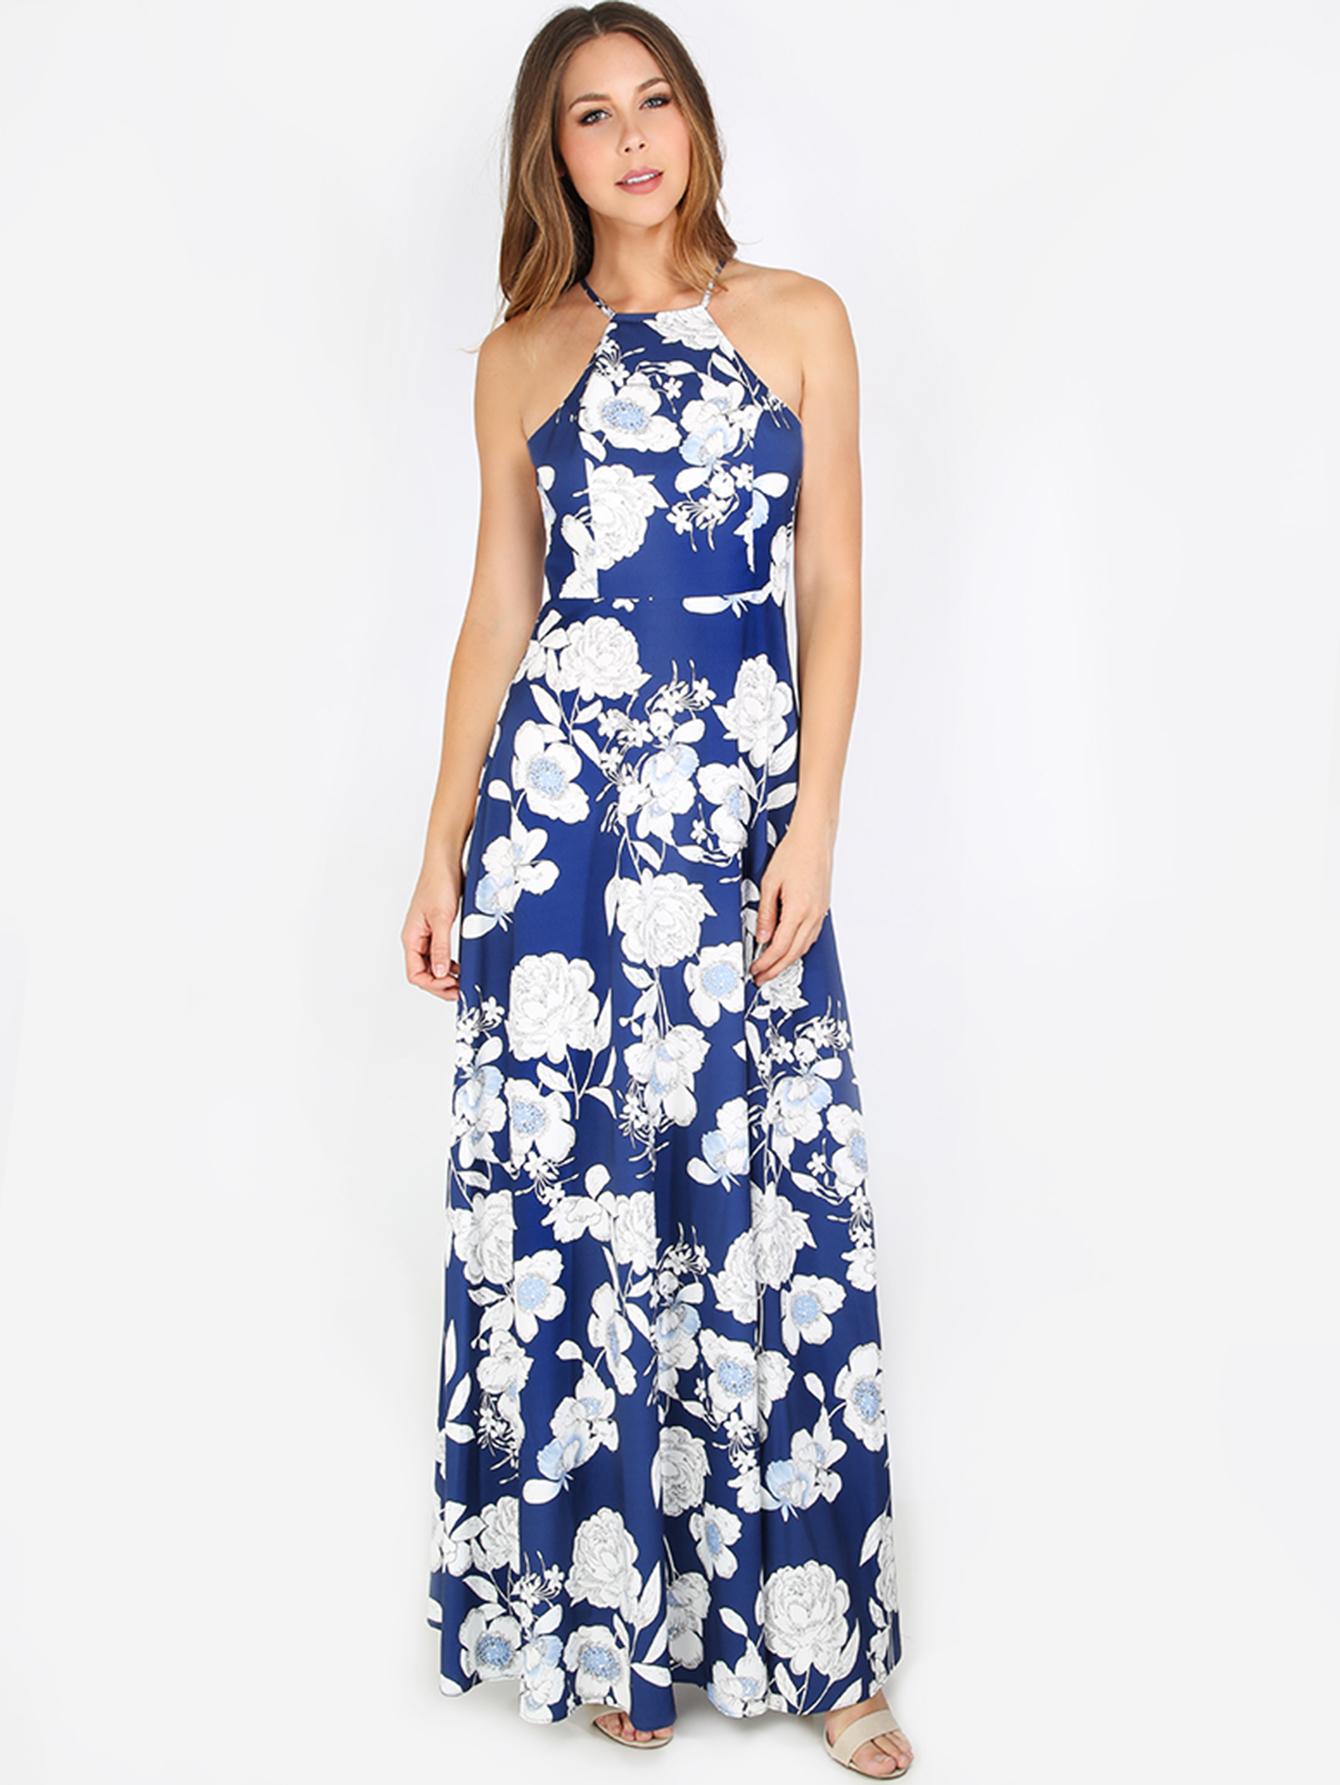 Cobalt blue halter maxi dress